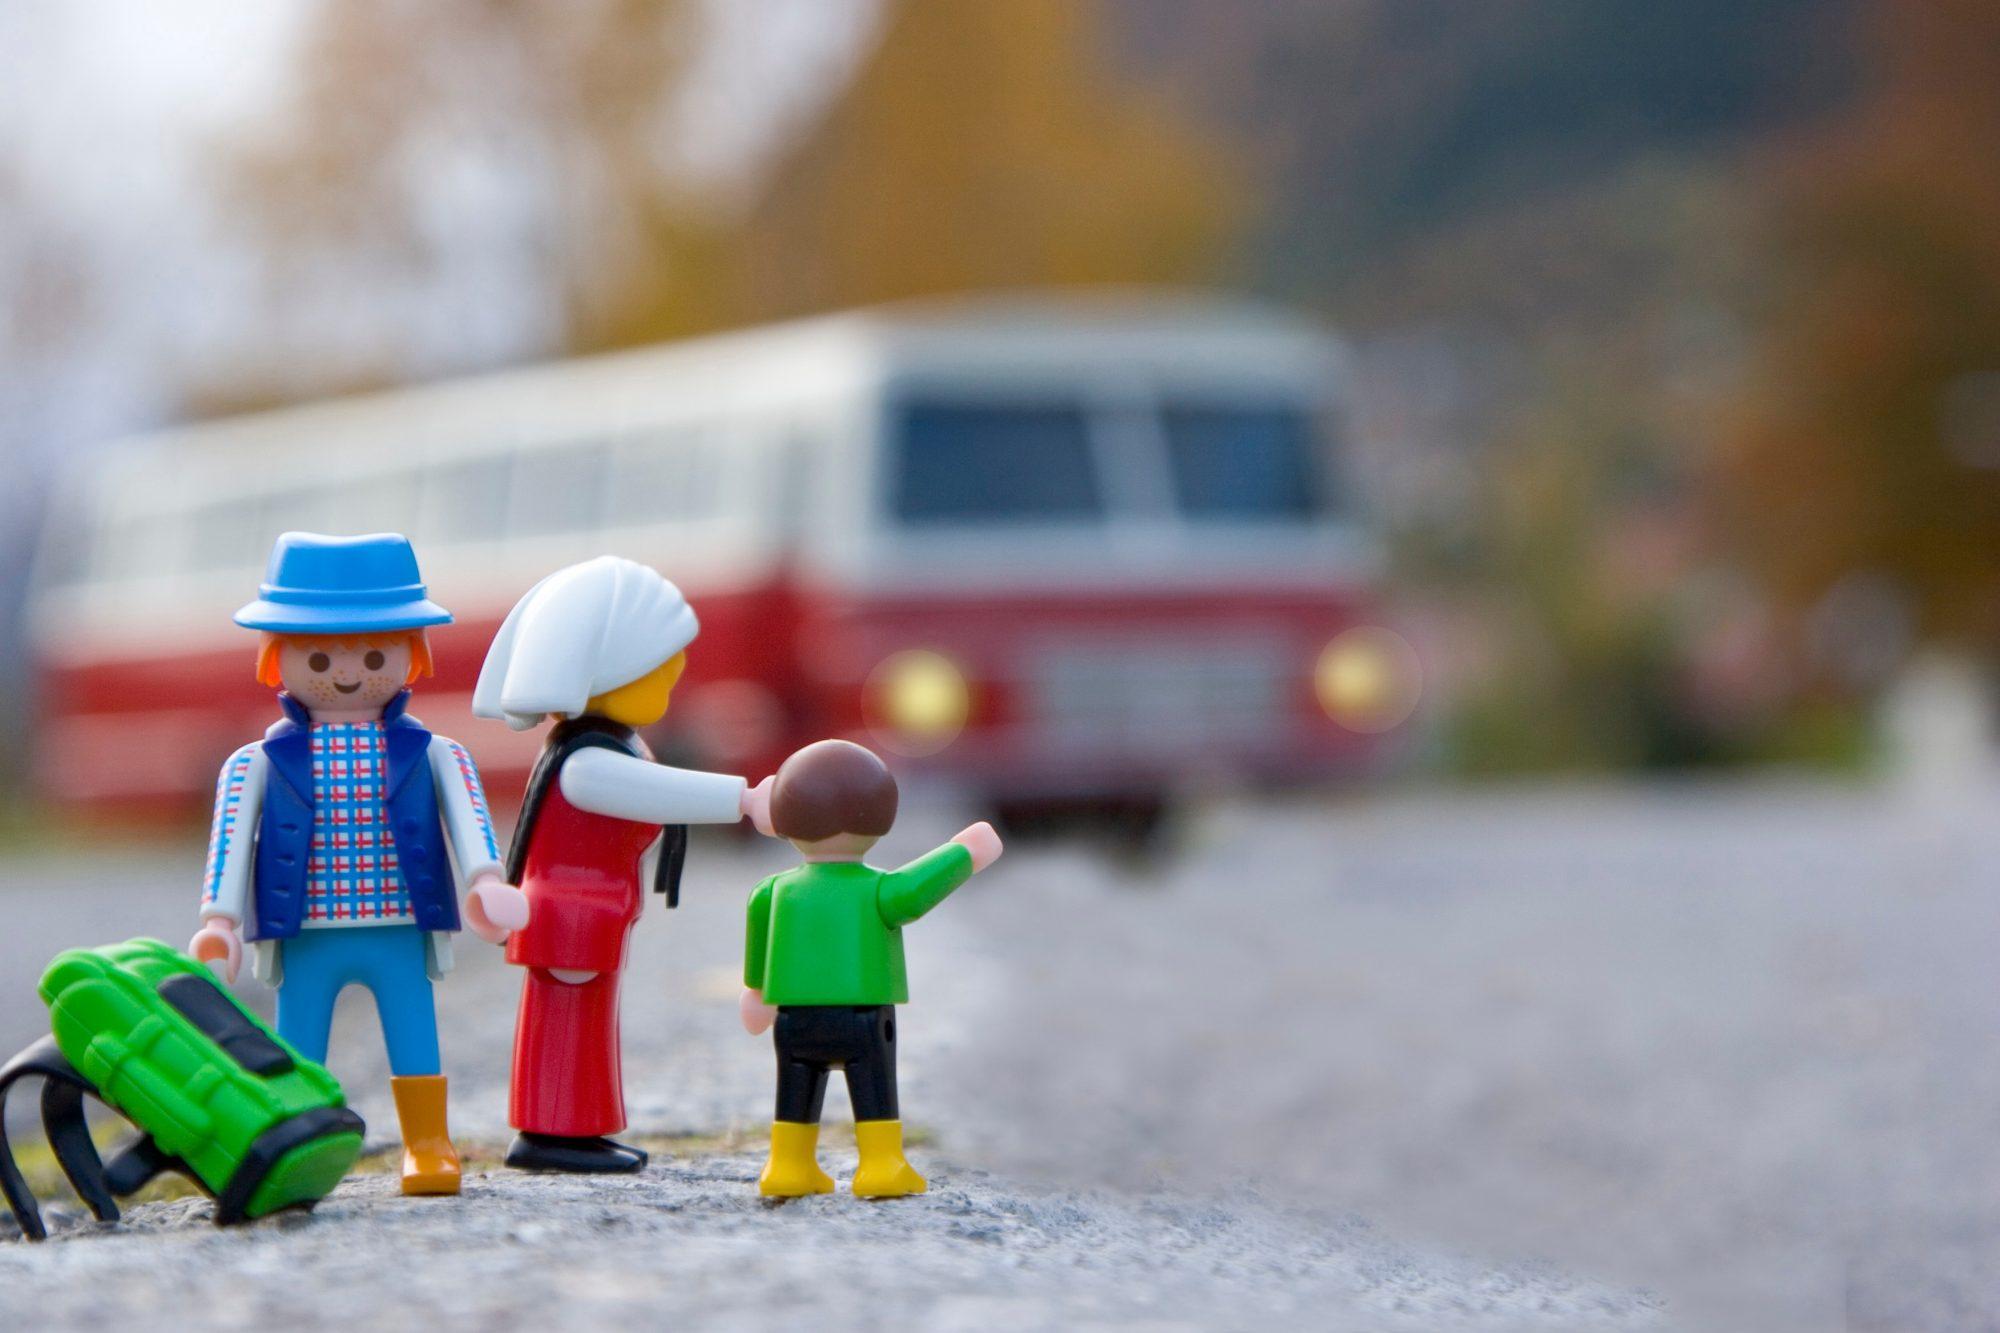 Les bus s'arrêteront bientôt sur l'autoroute pour prendre des passagers